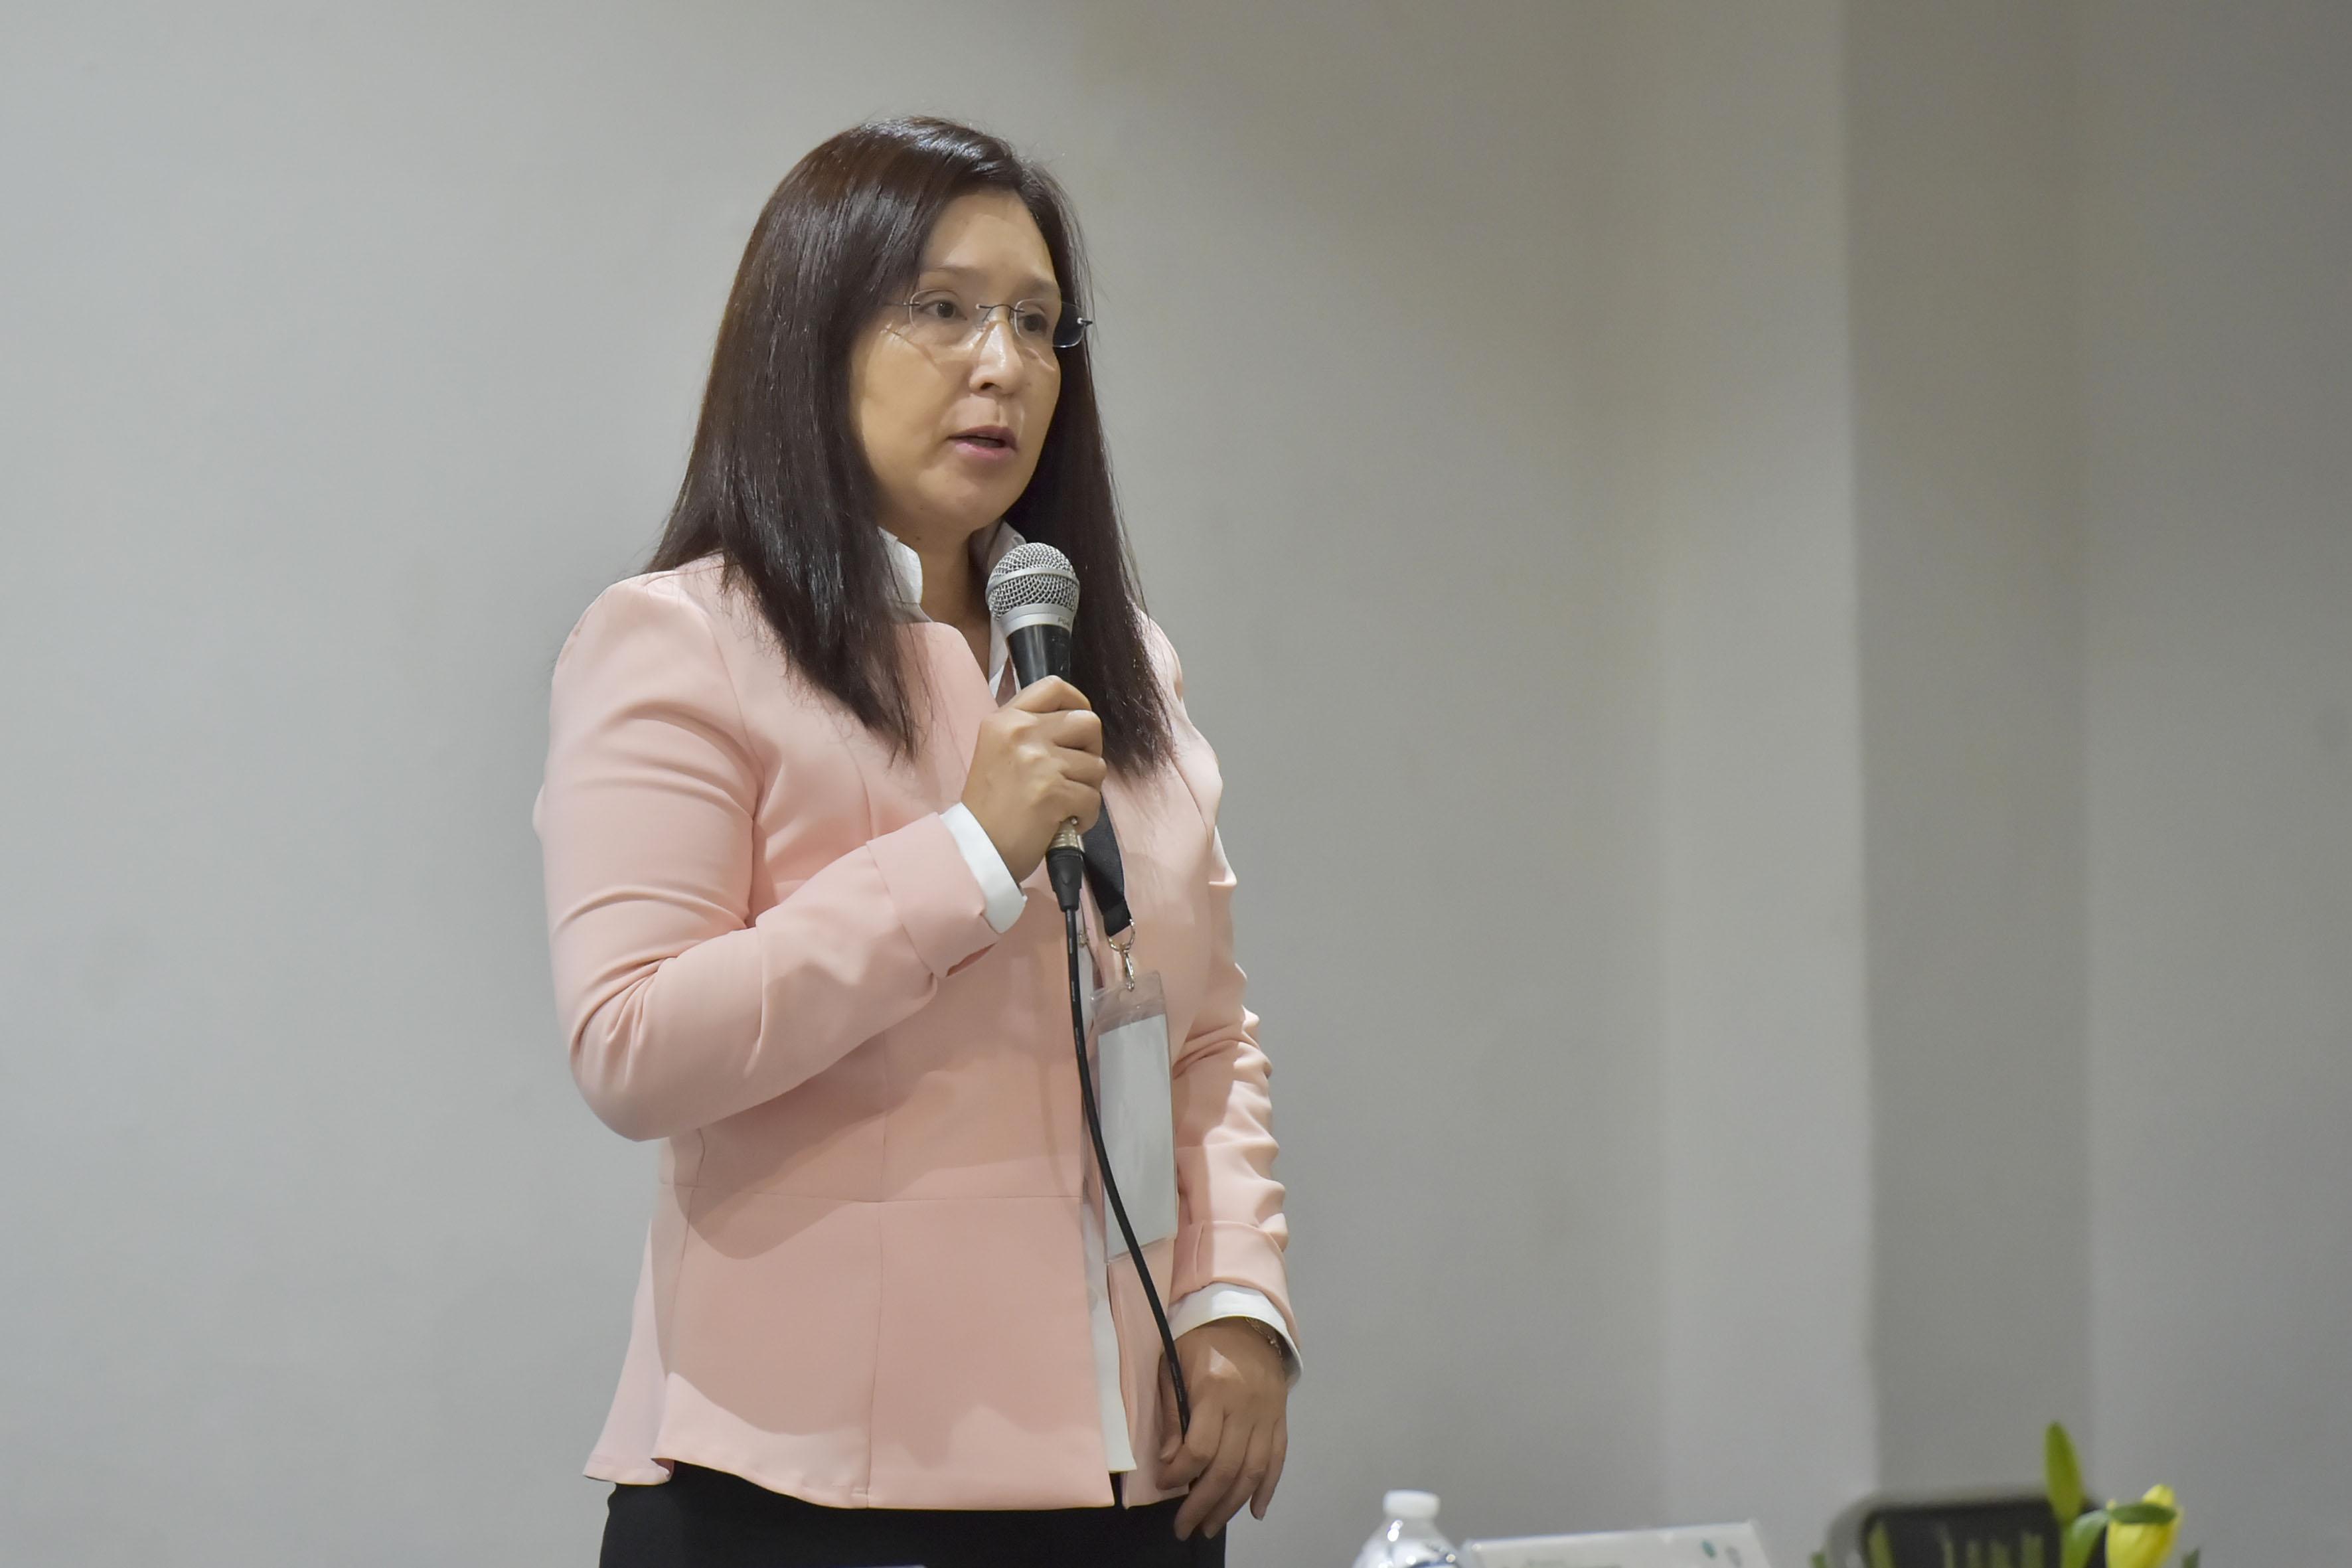 Coordinadora General del congreso, doctora Mara Estrada Girón, haciendo uso de la palabra.